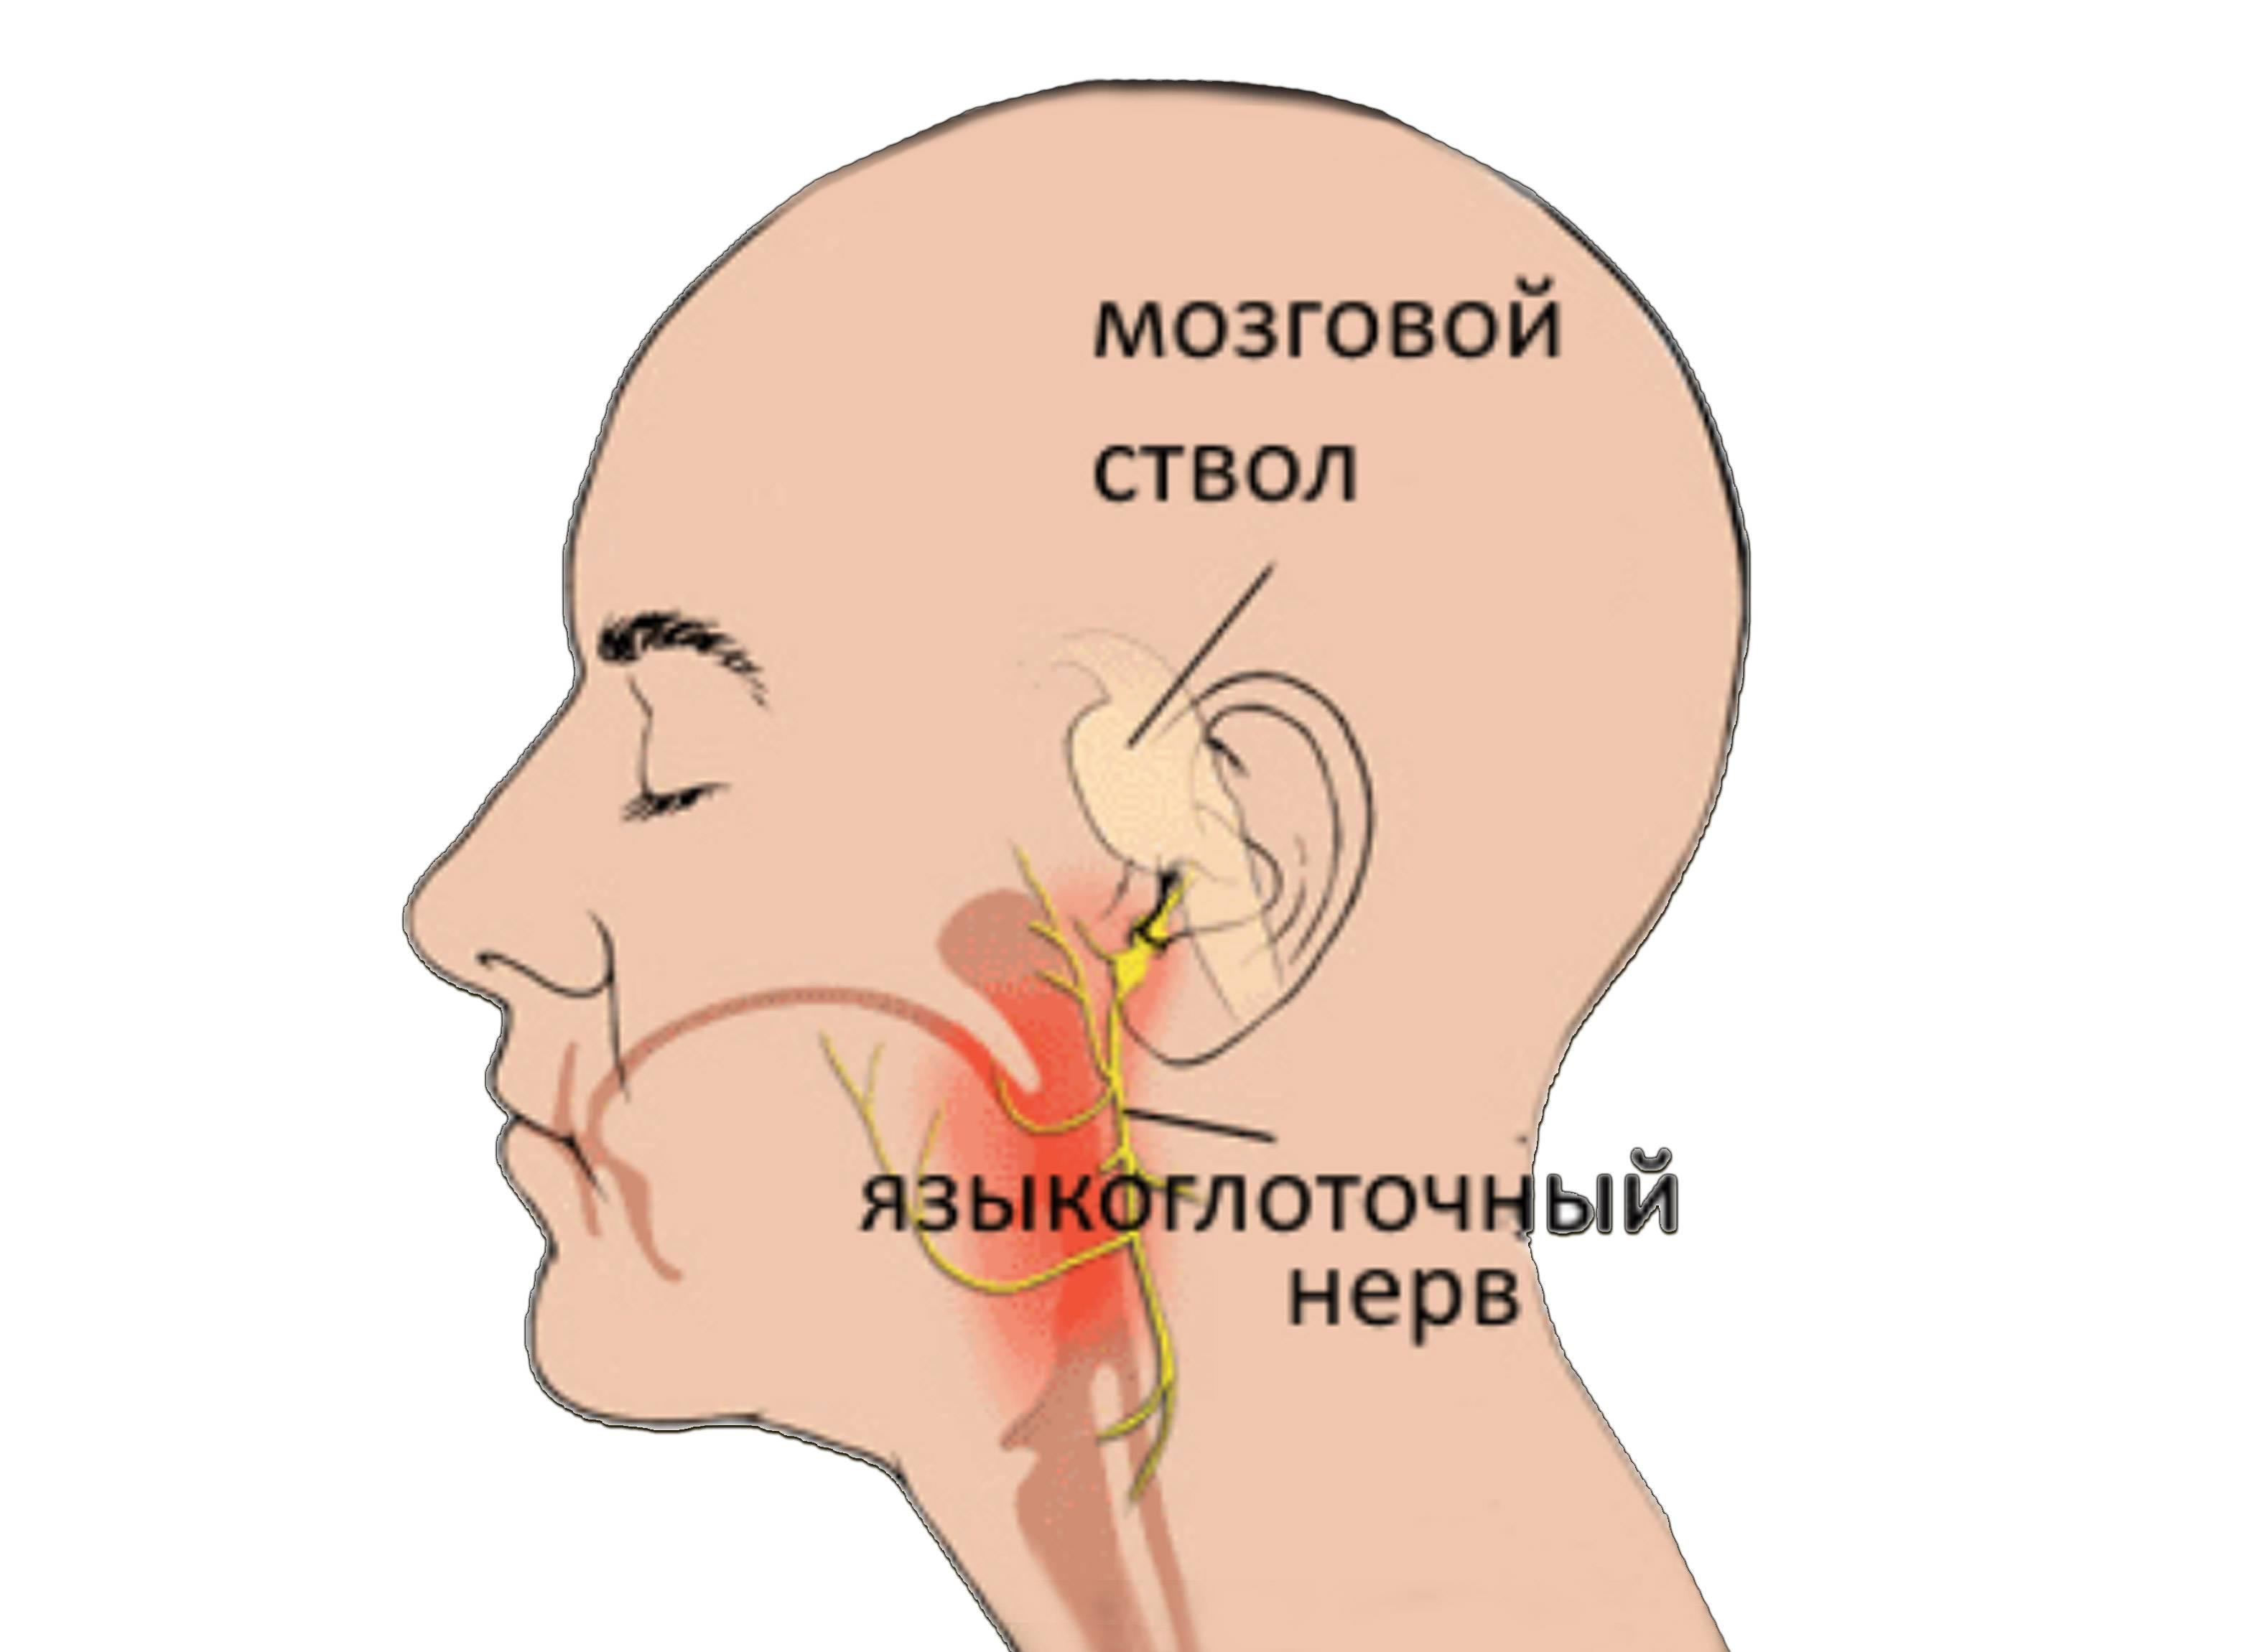 невралгия языкоглоточного нерва симптомы